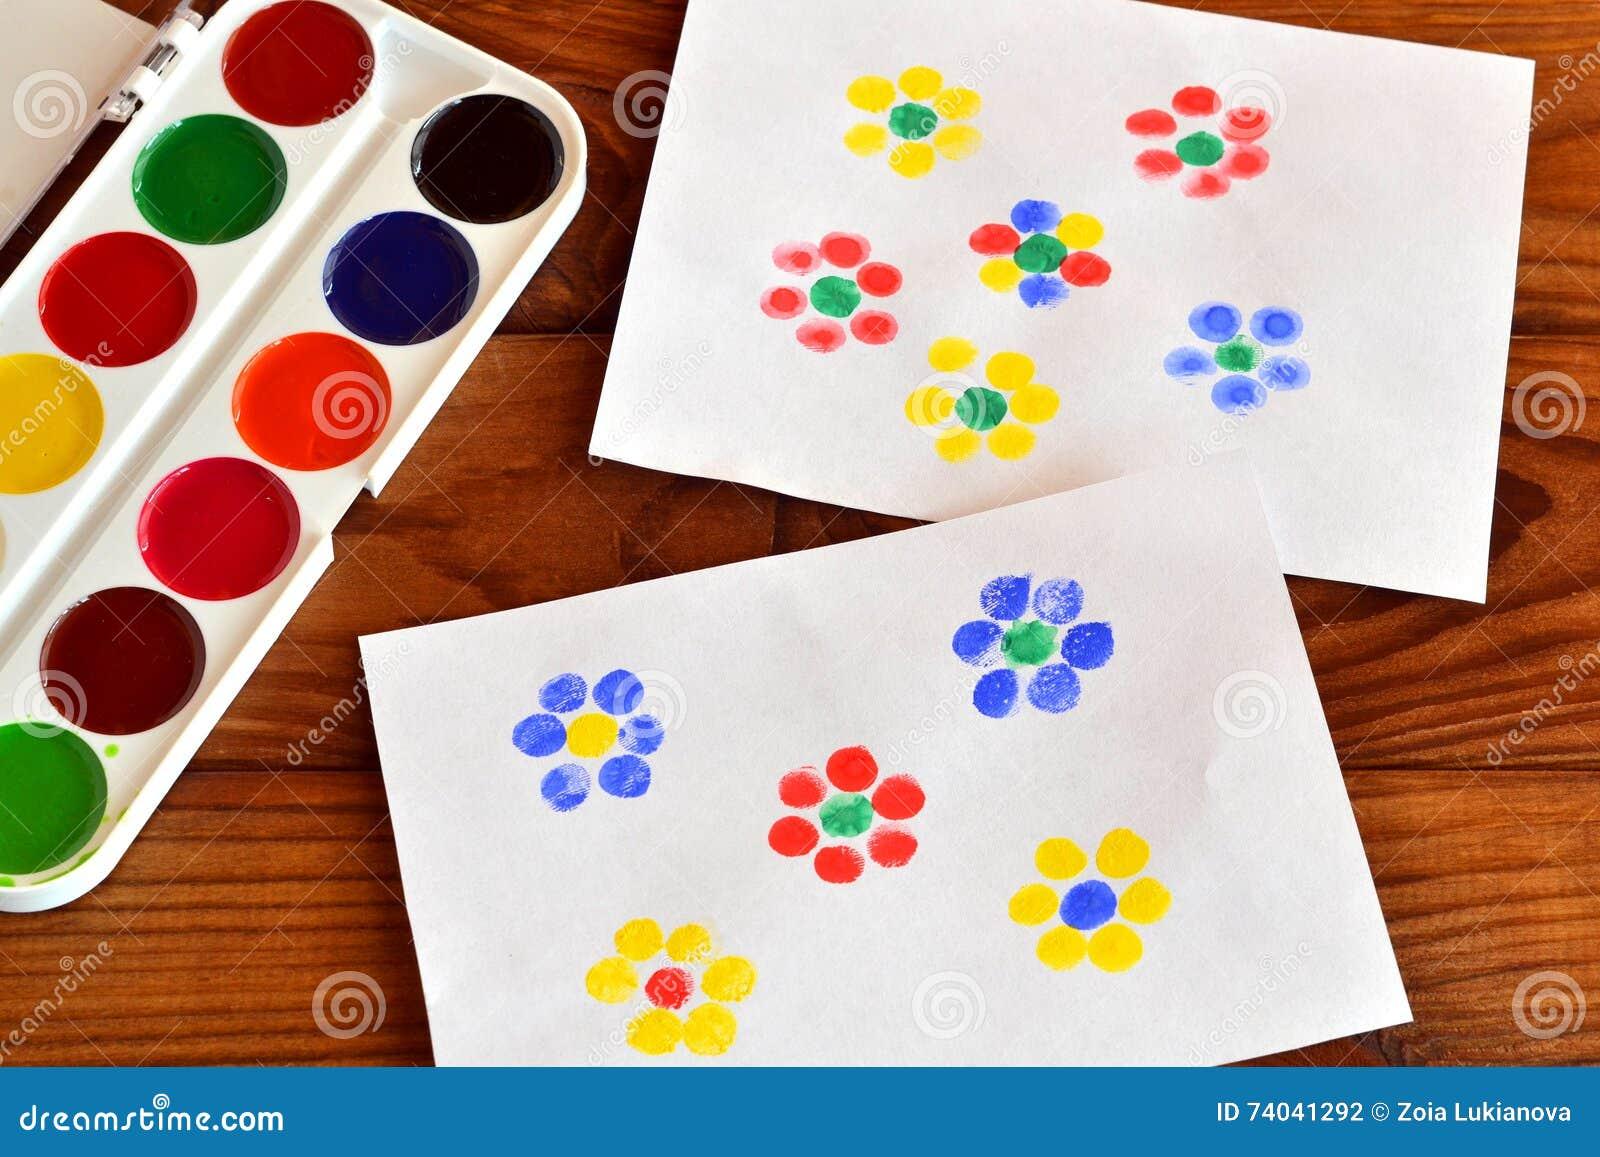 Deux Dessins Avec Des Fleurs Peinture De Doigt Jeu D Enfants